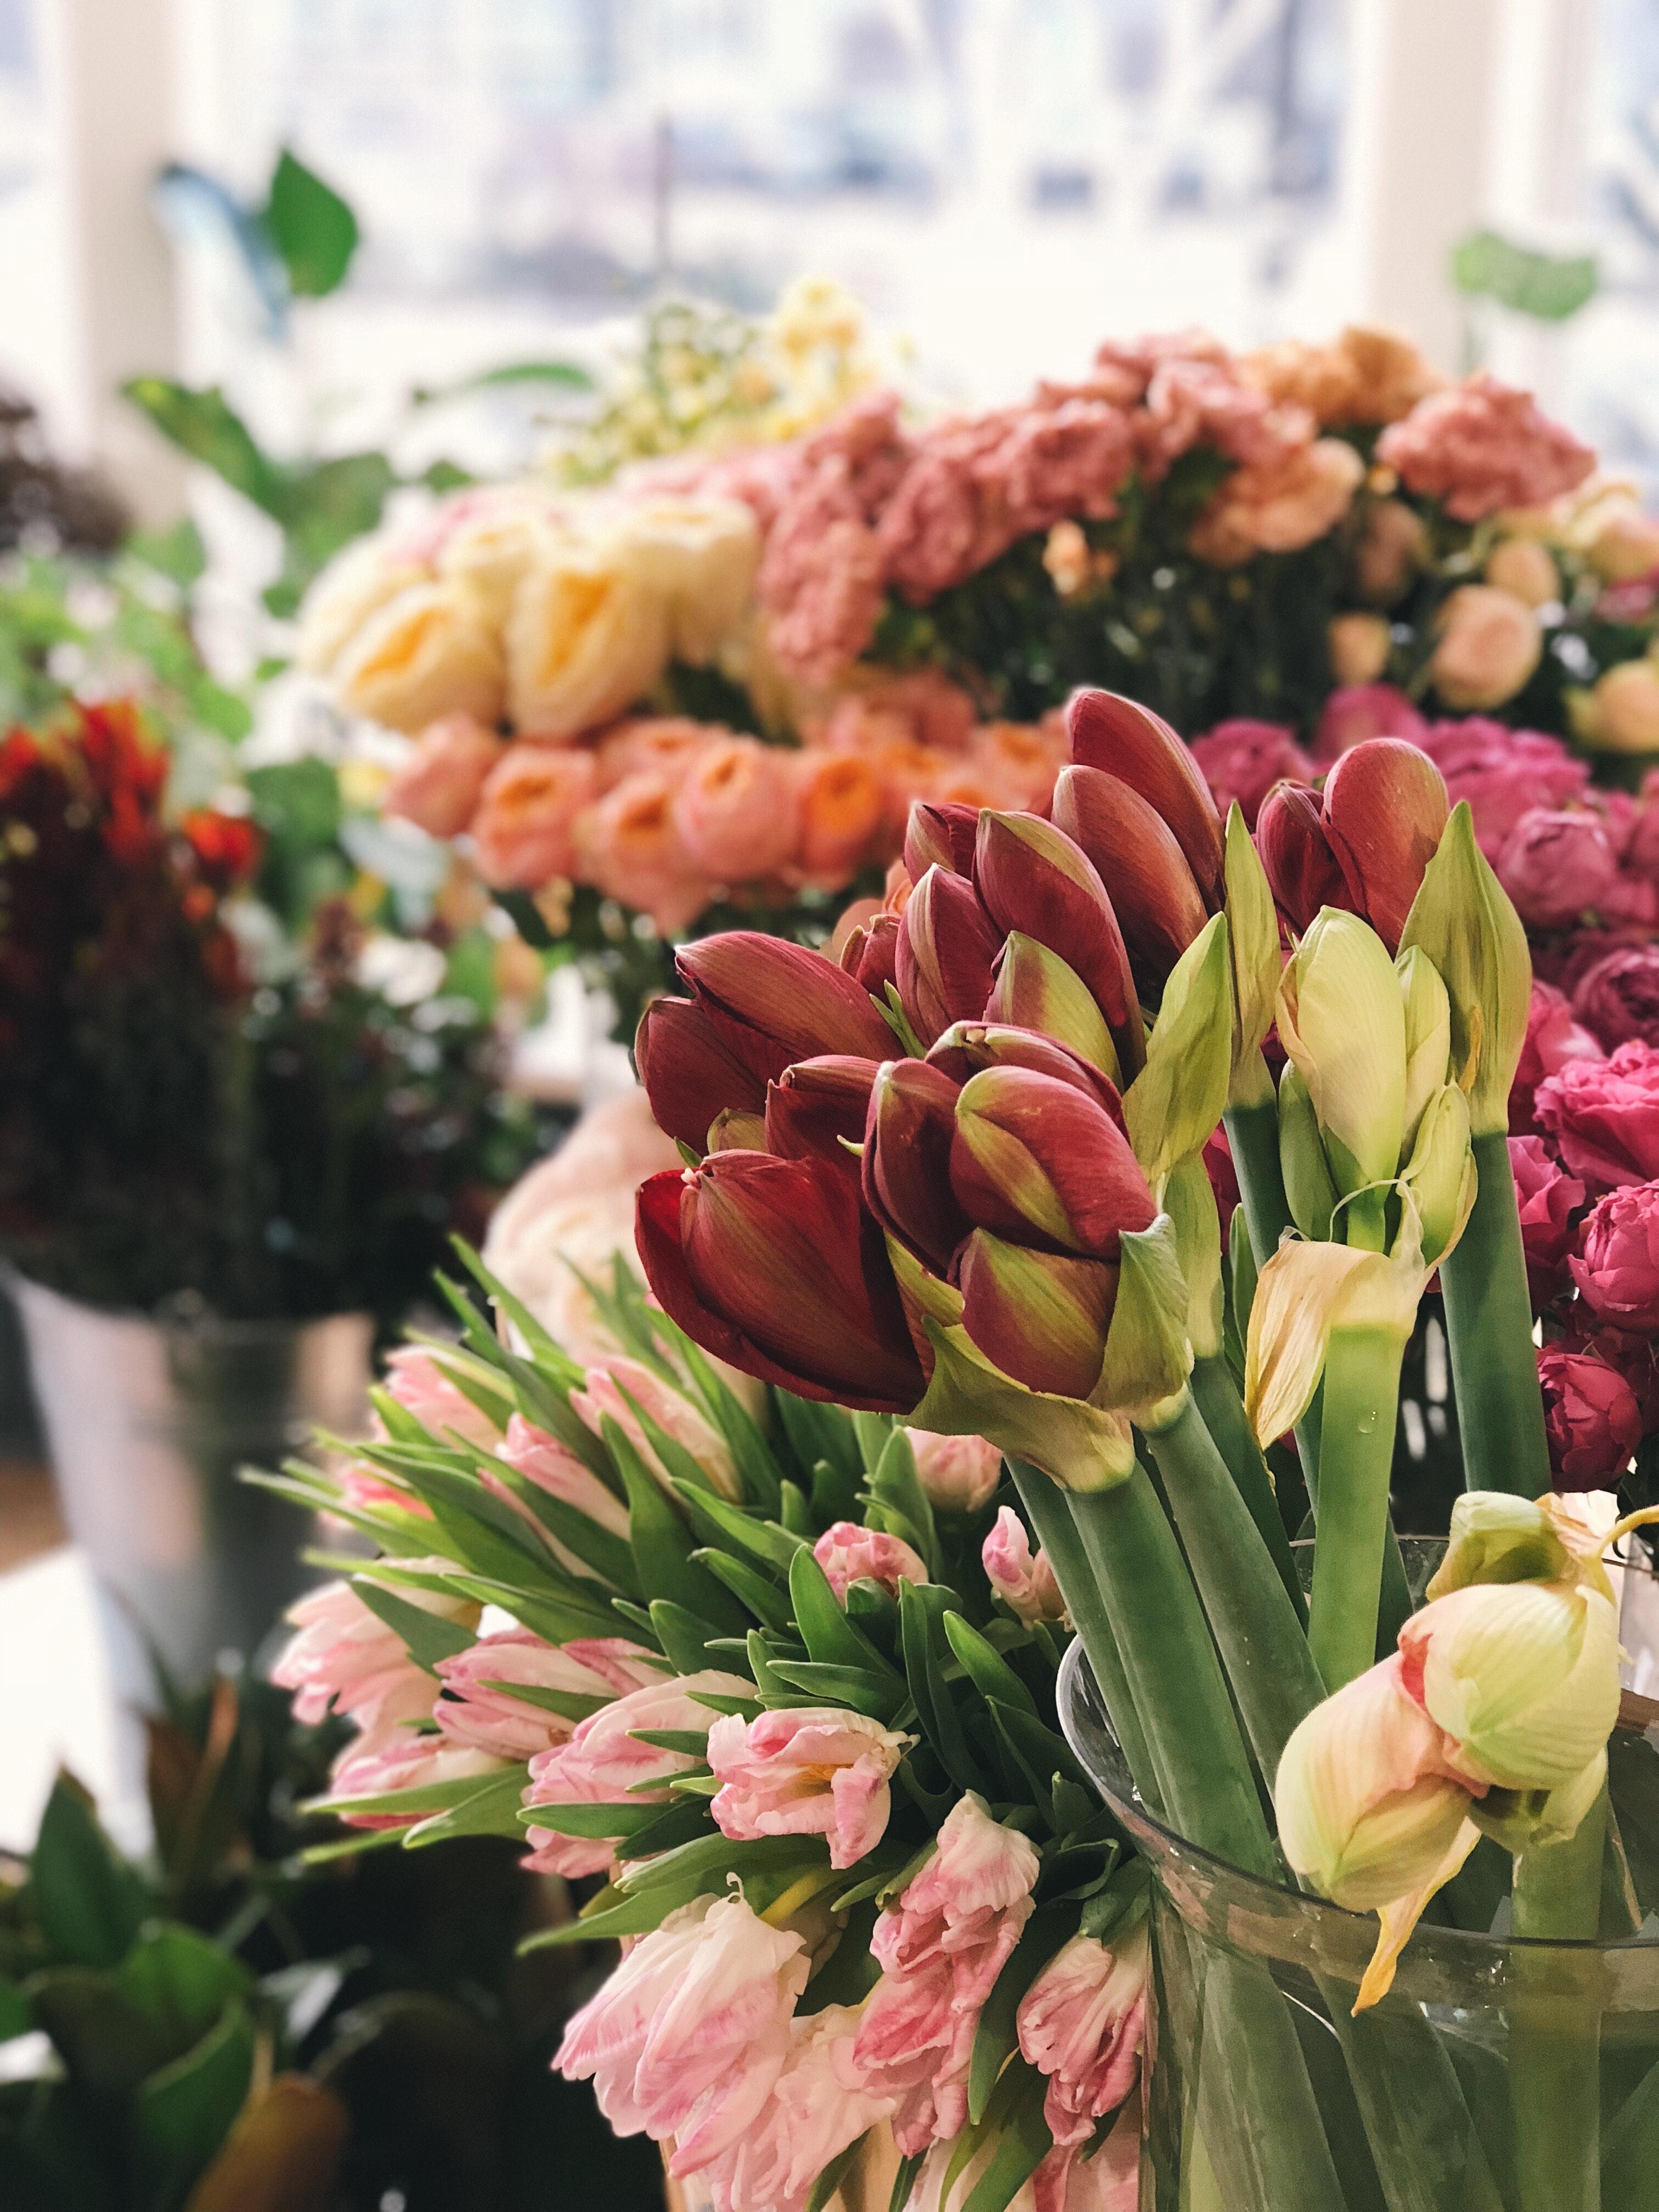 ROSES CARNATION TULIPS FLOWER BOUQUET.jpg